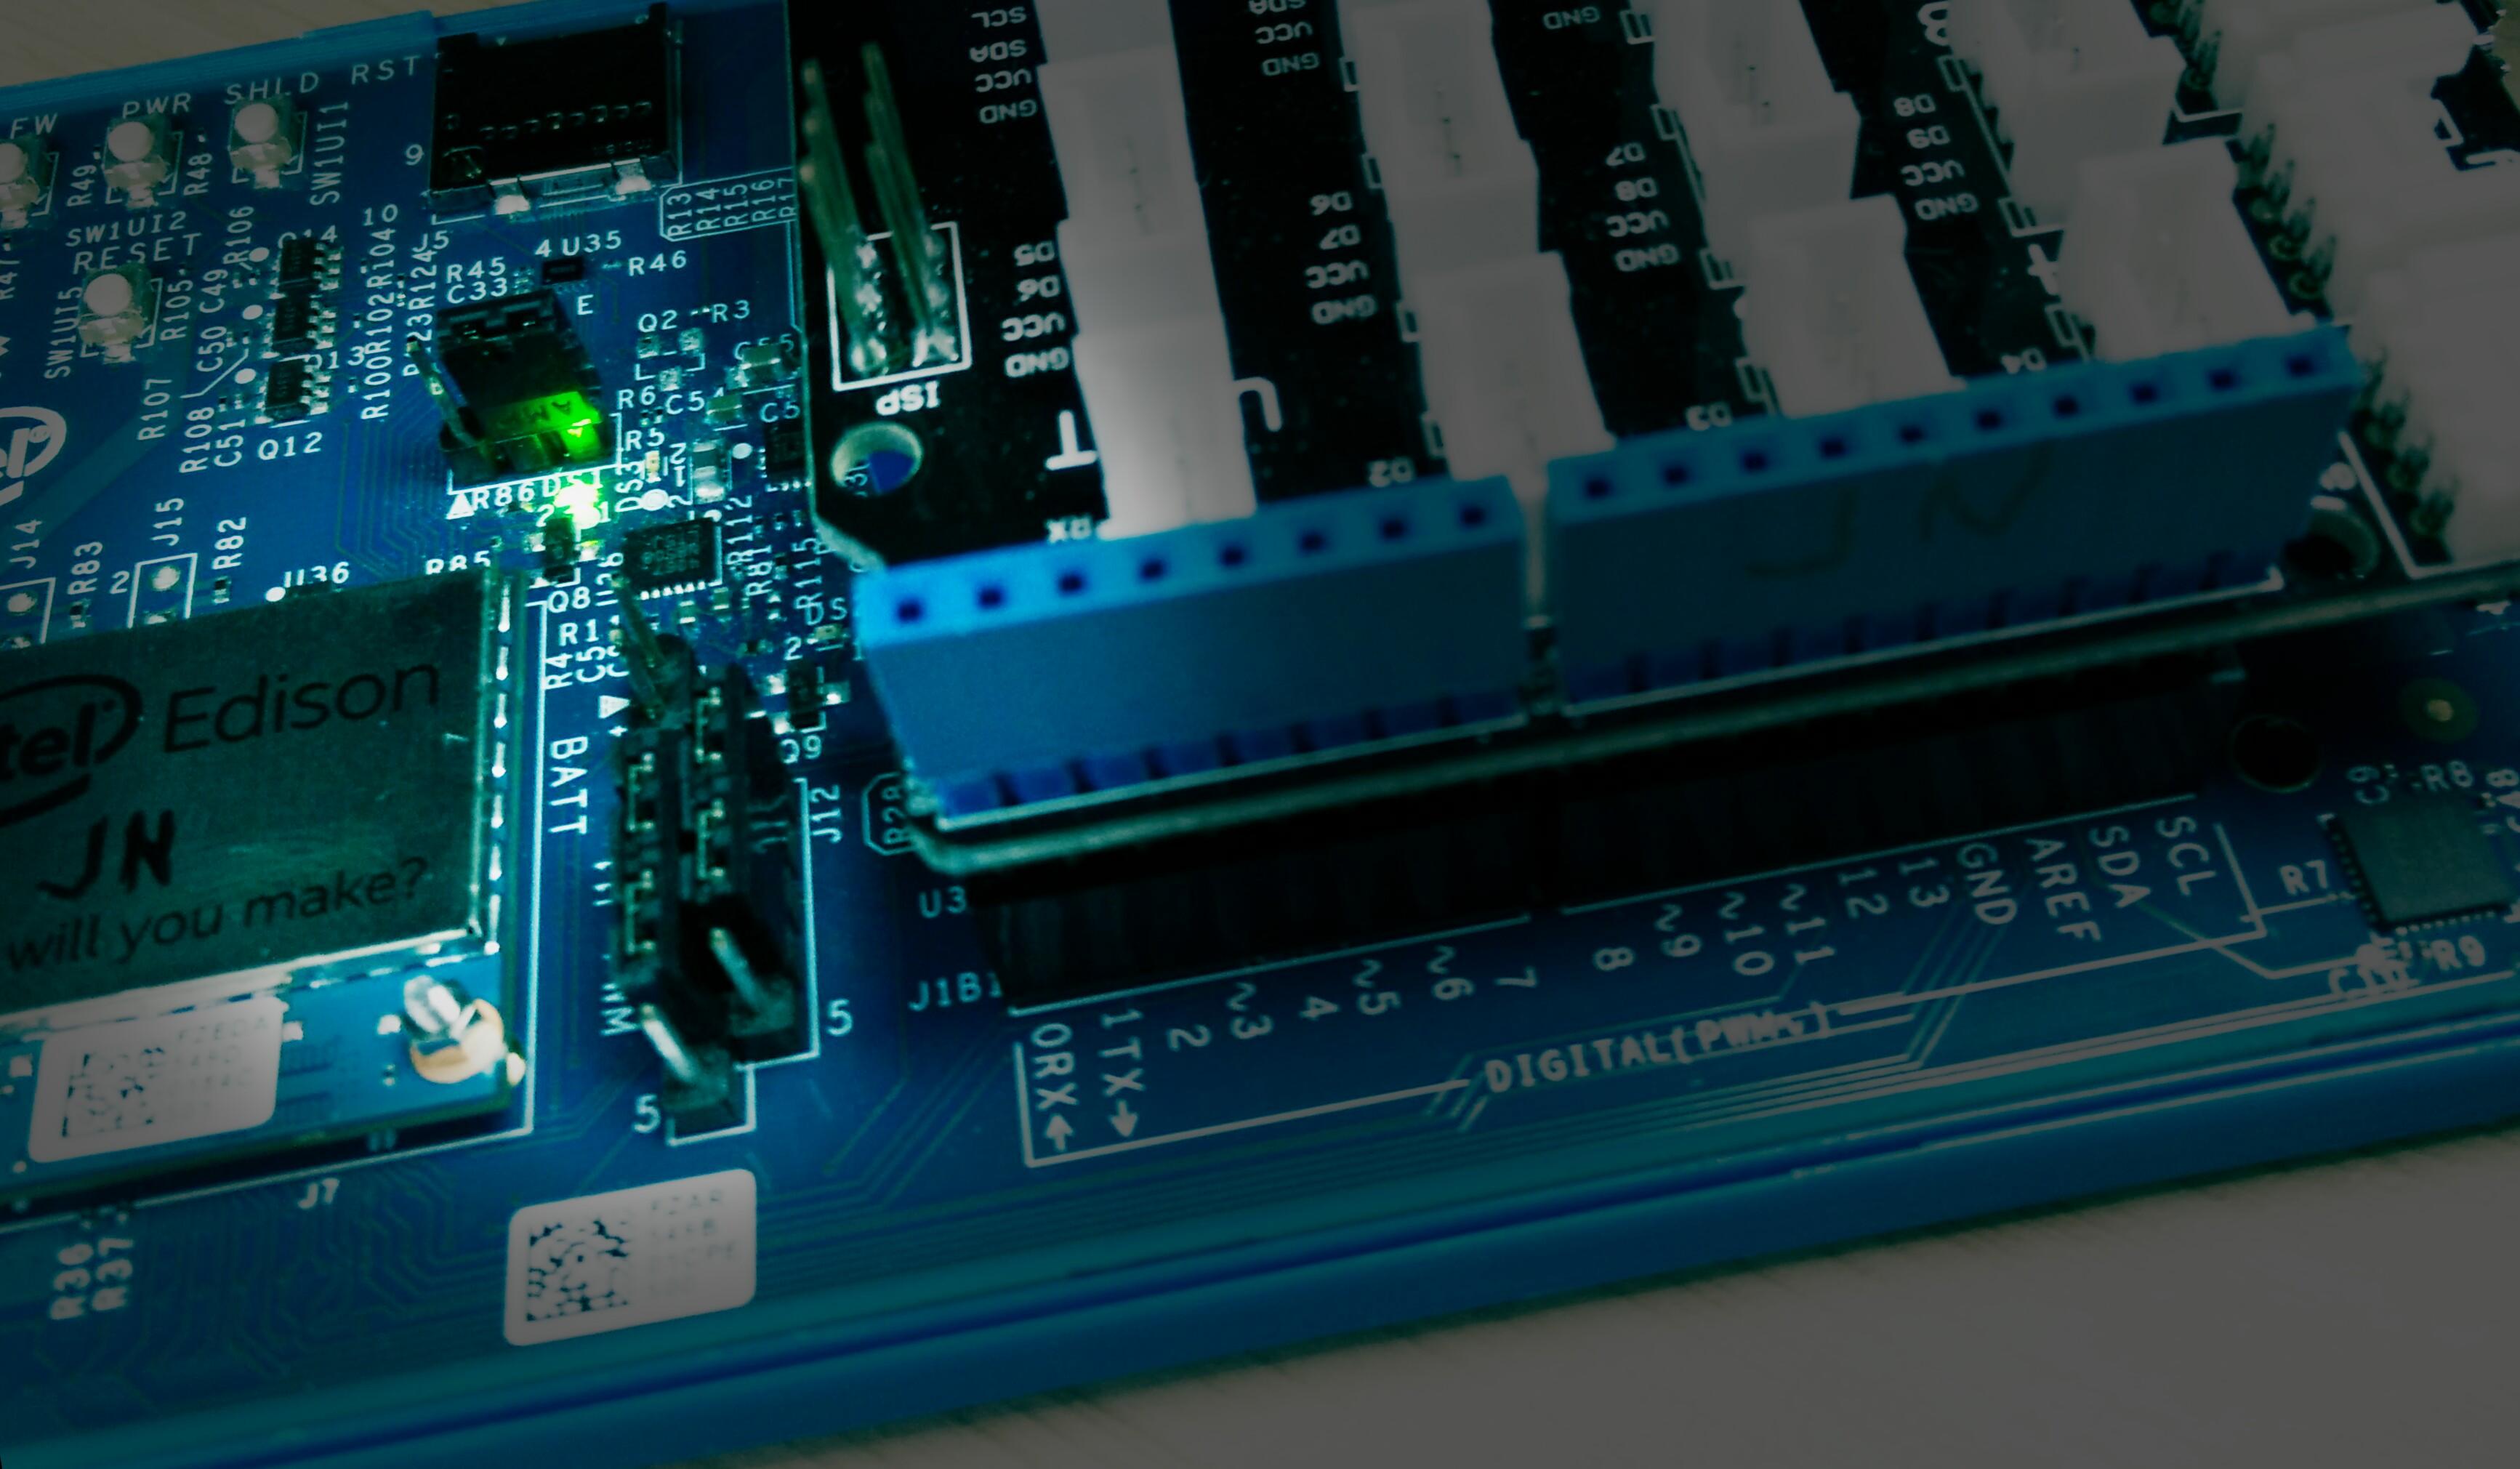 [SOLUCIONADO] Intel Edison – Carga automática de sketch ARDUINO falla en versión 159 del firmware